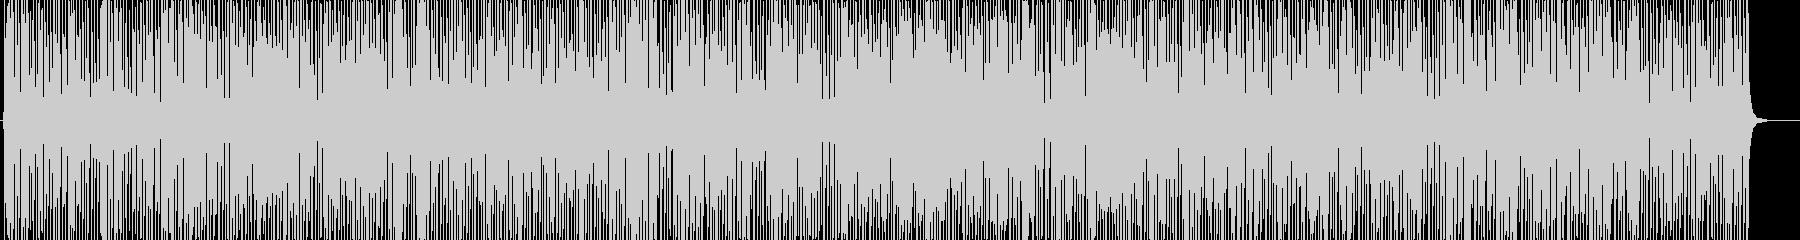 晴れの日のお散歩ポップ曲♬ハッピーな口笛の未再生の波形